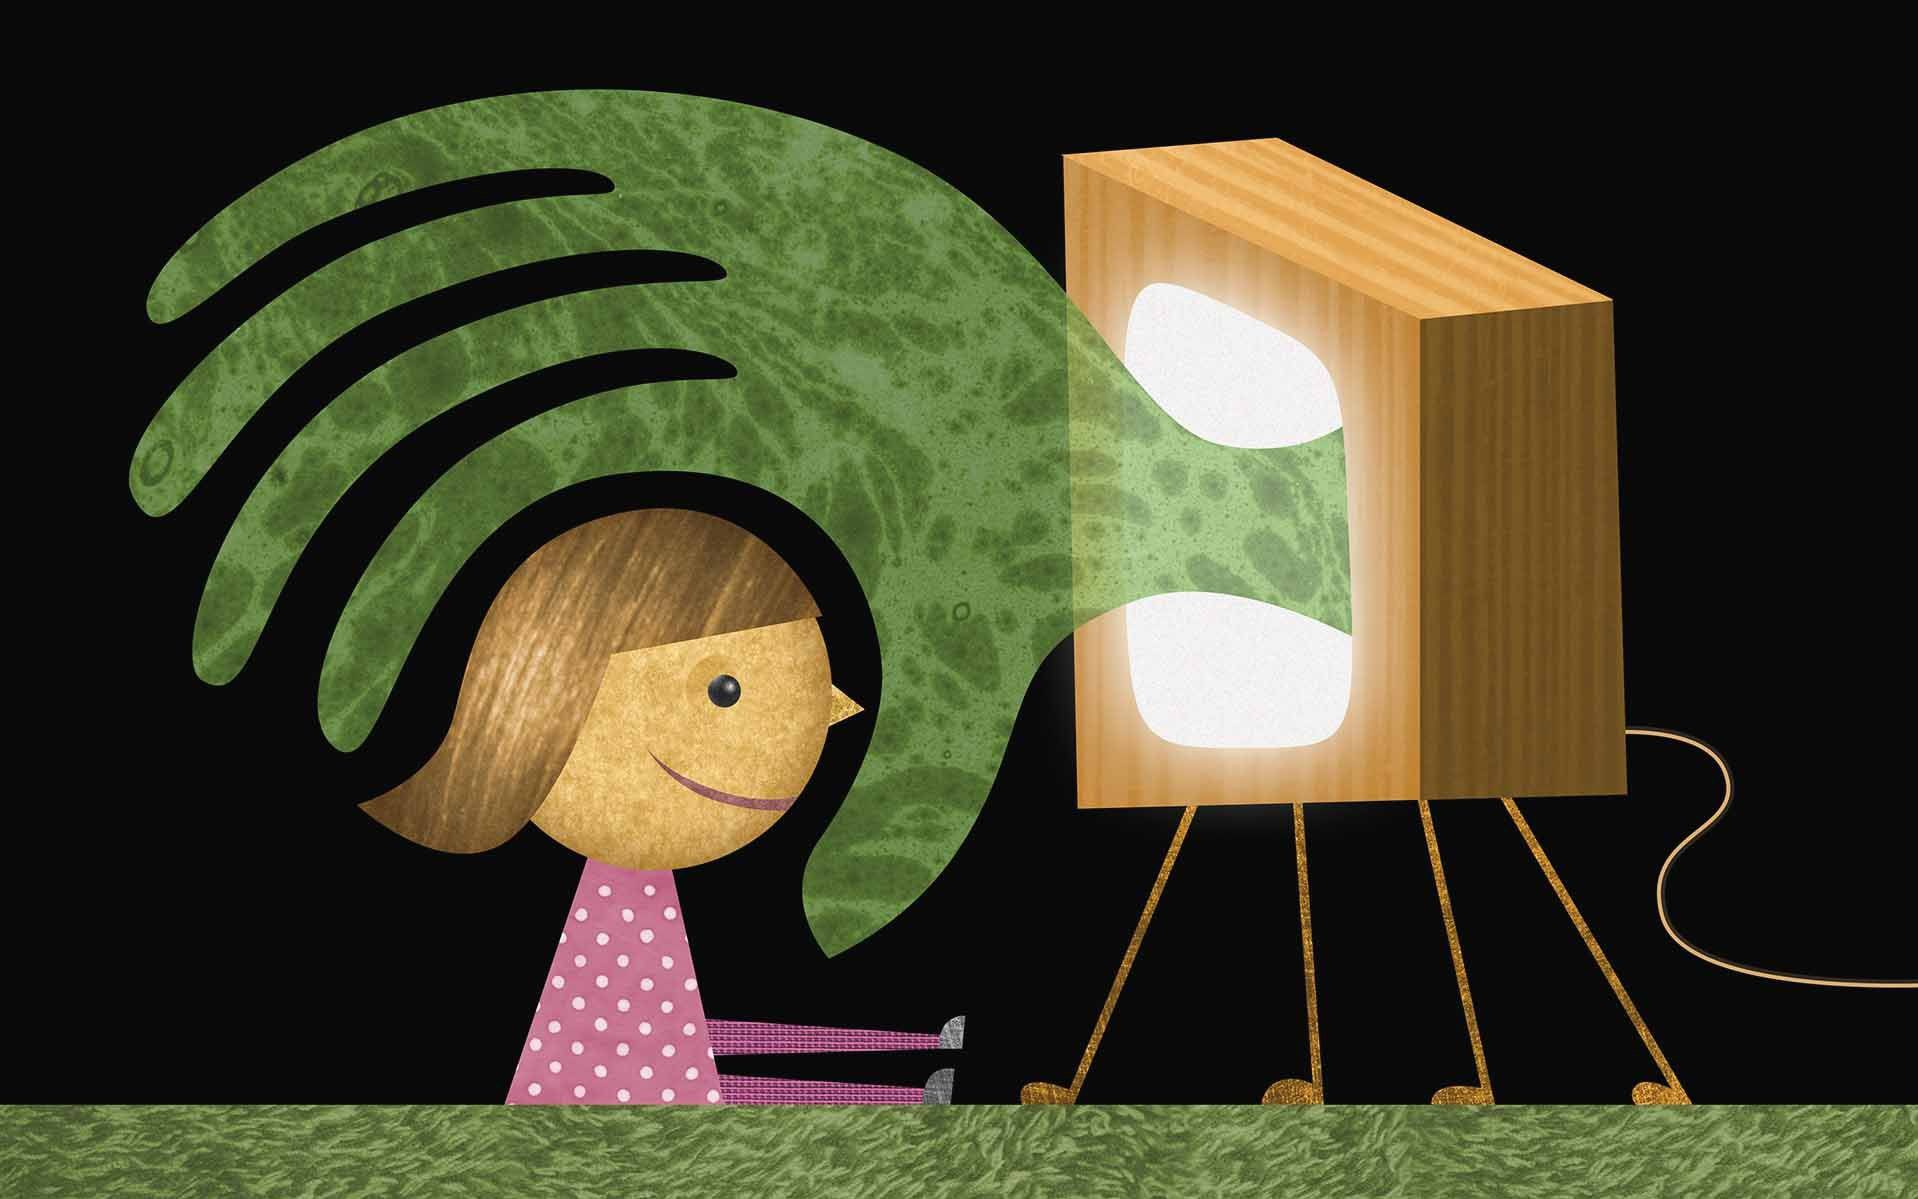 هجوم به سرزمین کودکی ; آگهی های تجاری تلویزیون با کودکان چه خواهد کرد